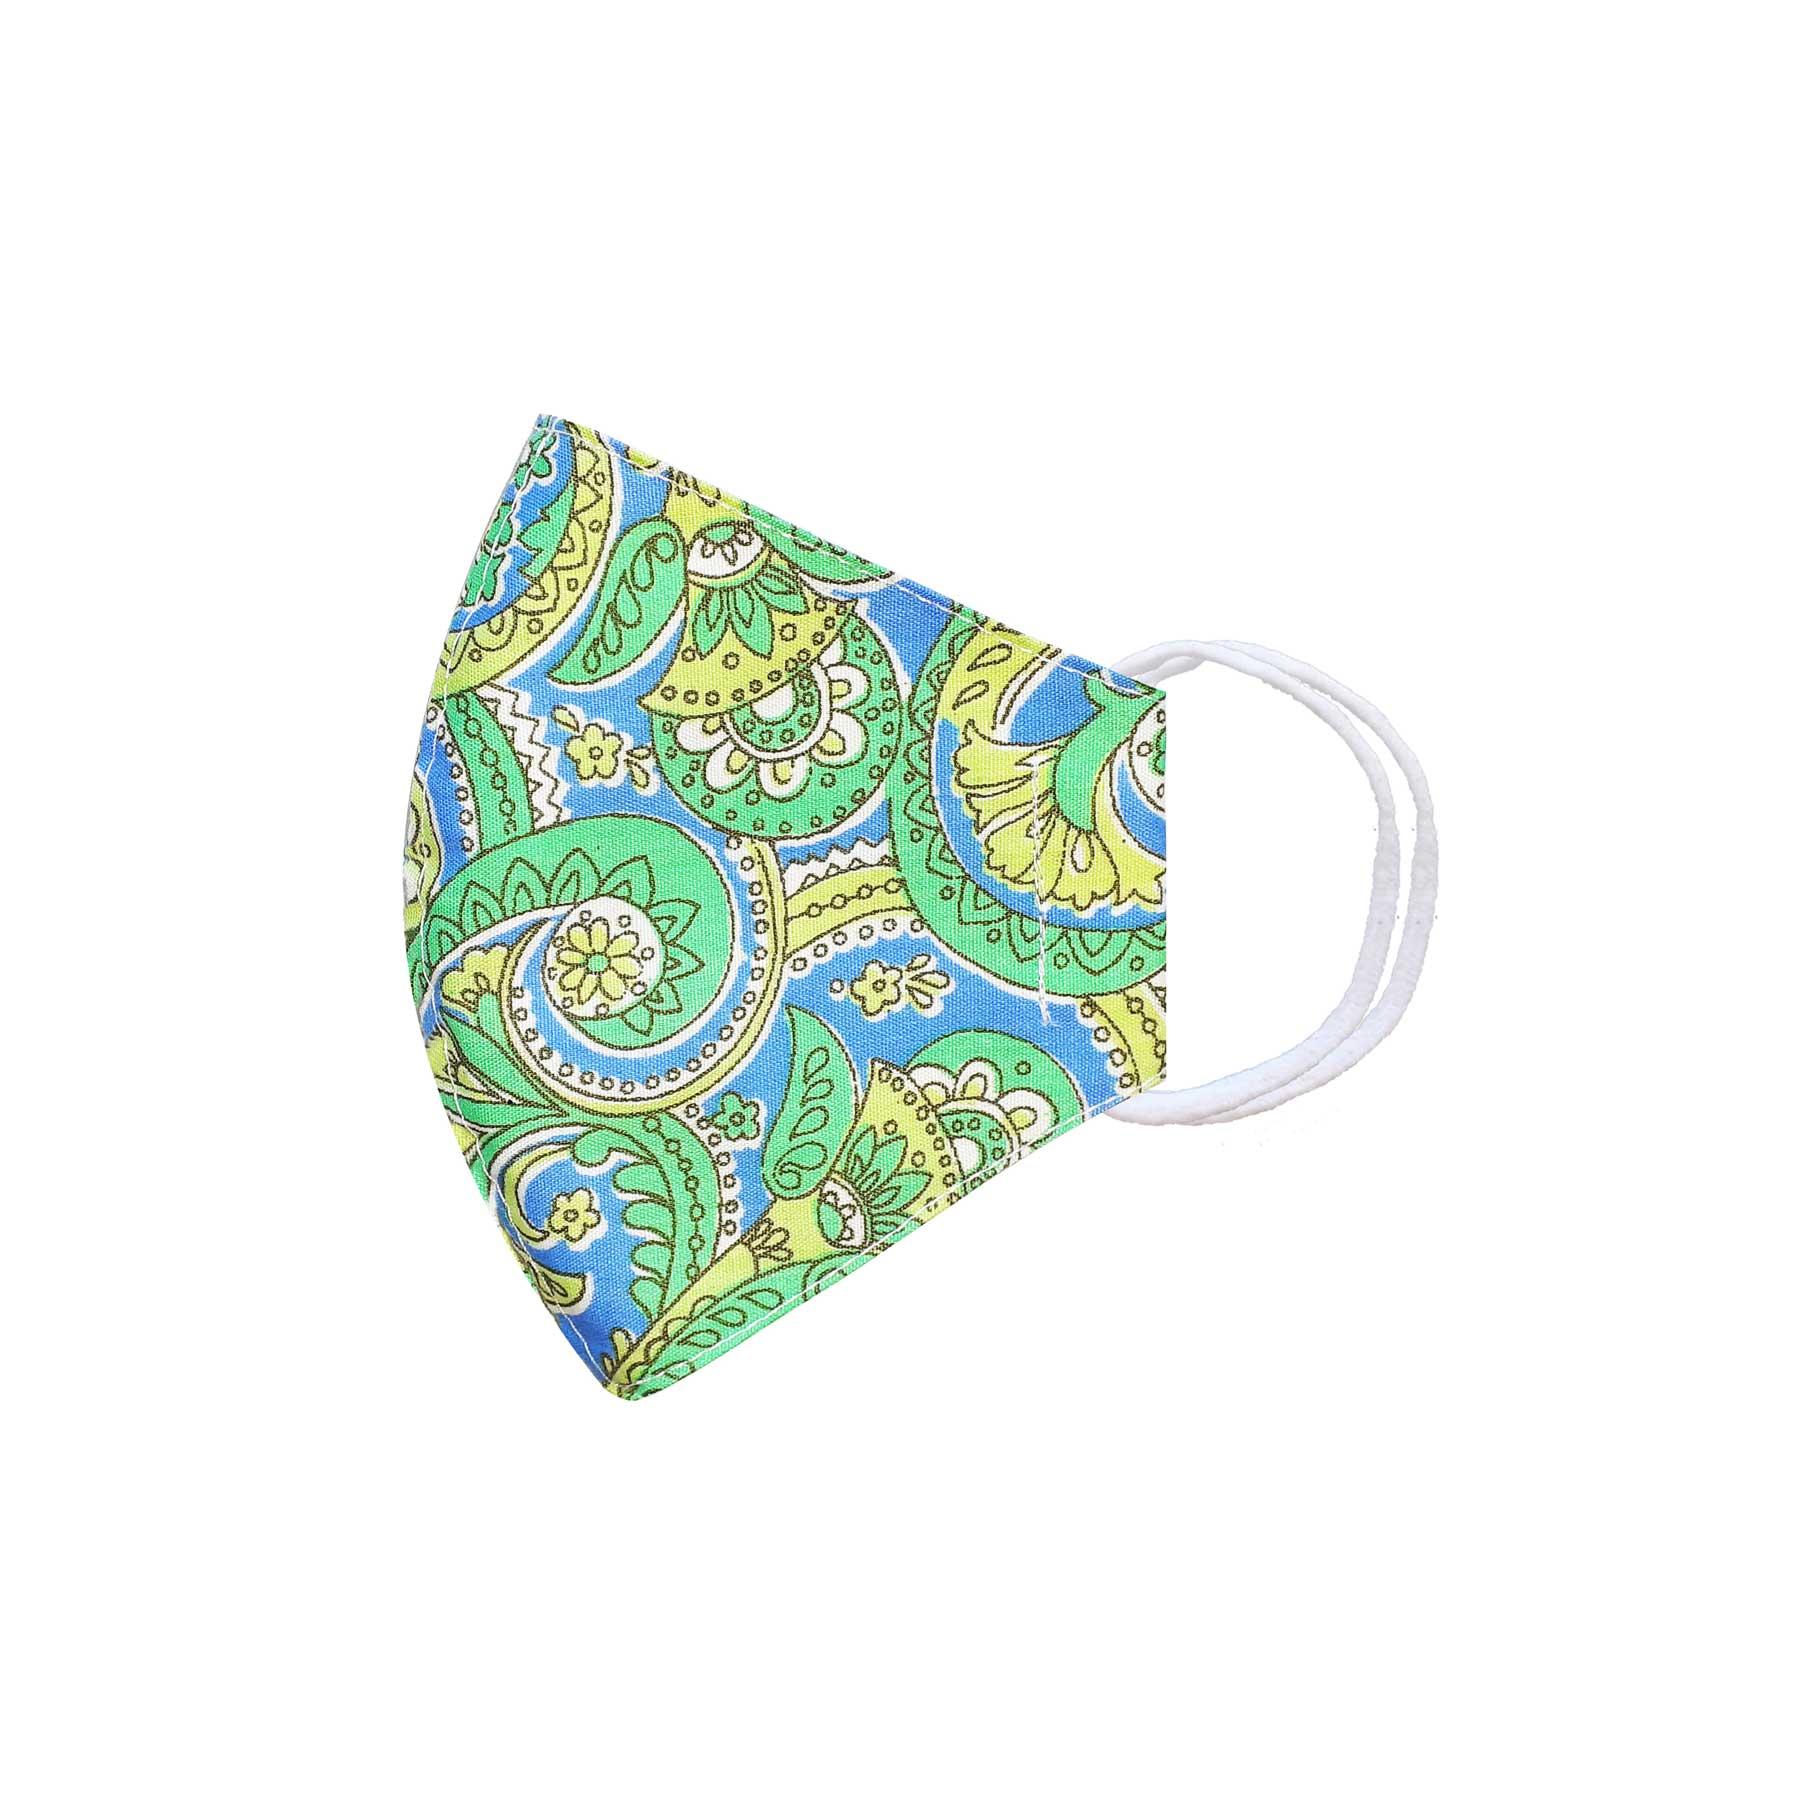 Módní bavlněné ústní roušky tvarované jednobarevné, třívrstvé s filtrem modro zelený vzor s gumičkami dětské